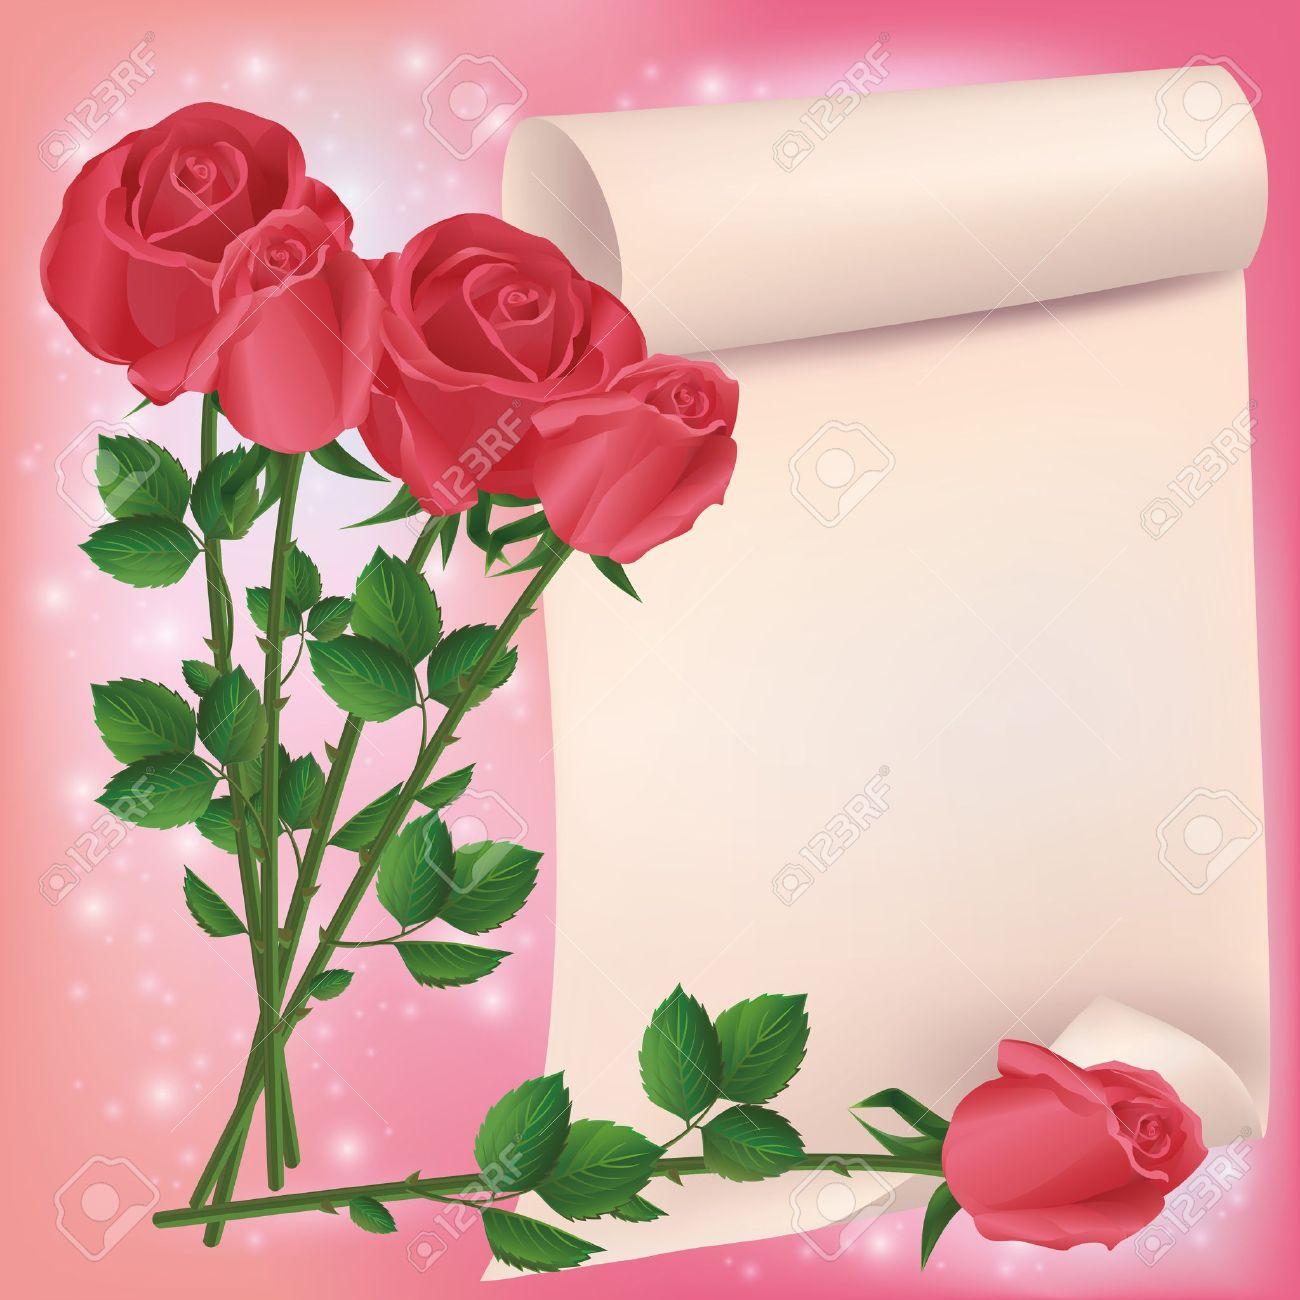 foto de archivo saludo o tarjeta de invitacin con el ramo de rosas rojas y hojas de papel lugar para el texto ilustracin vectorial